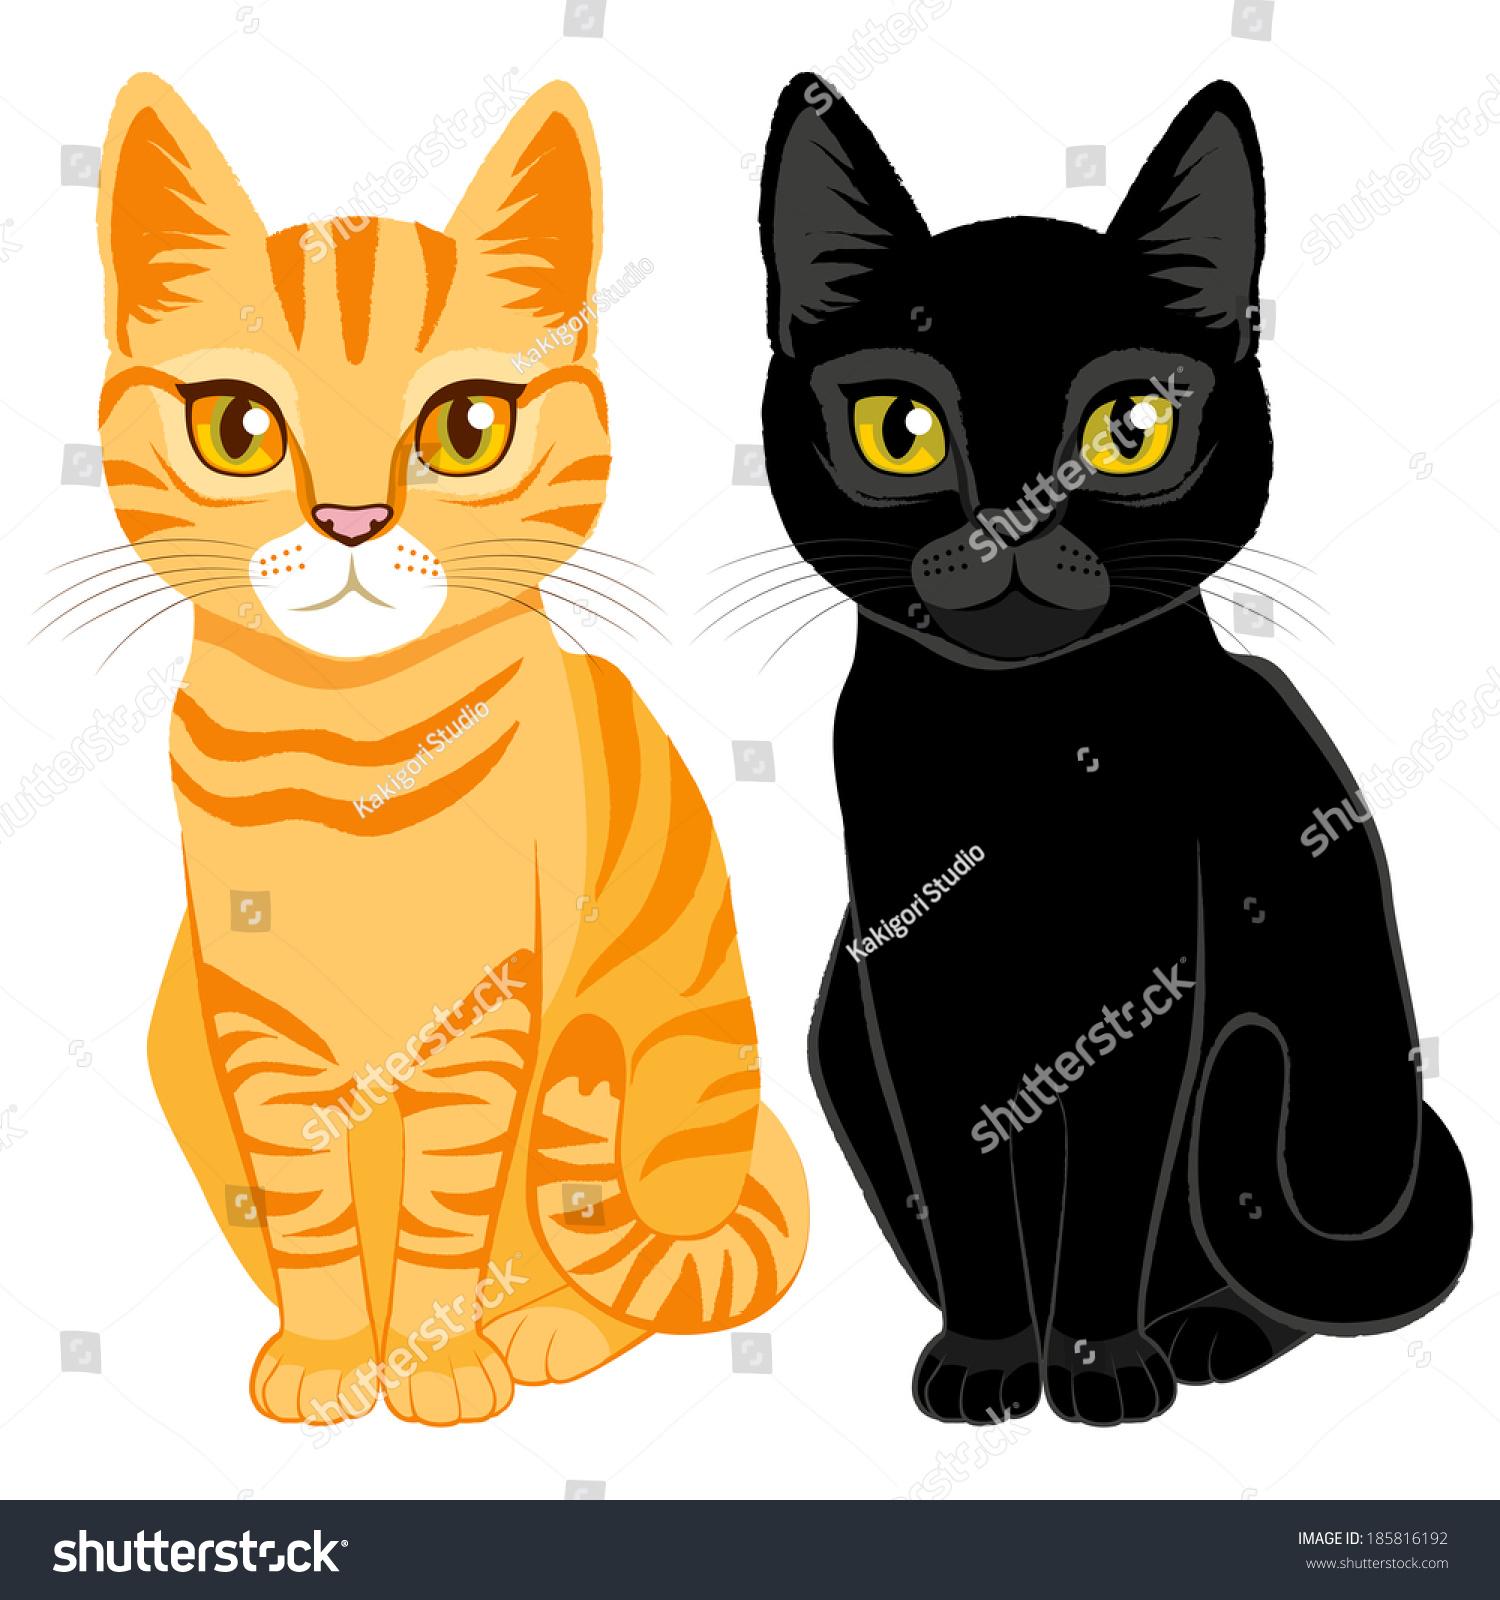 可爱的橙色虎斑猫,黑色和橙色和黄色的眼睛-动物